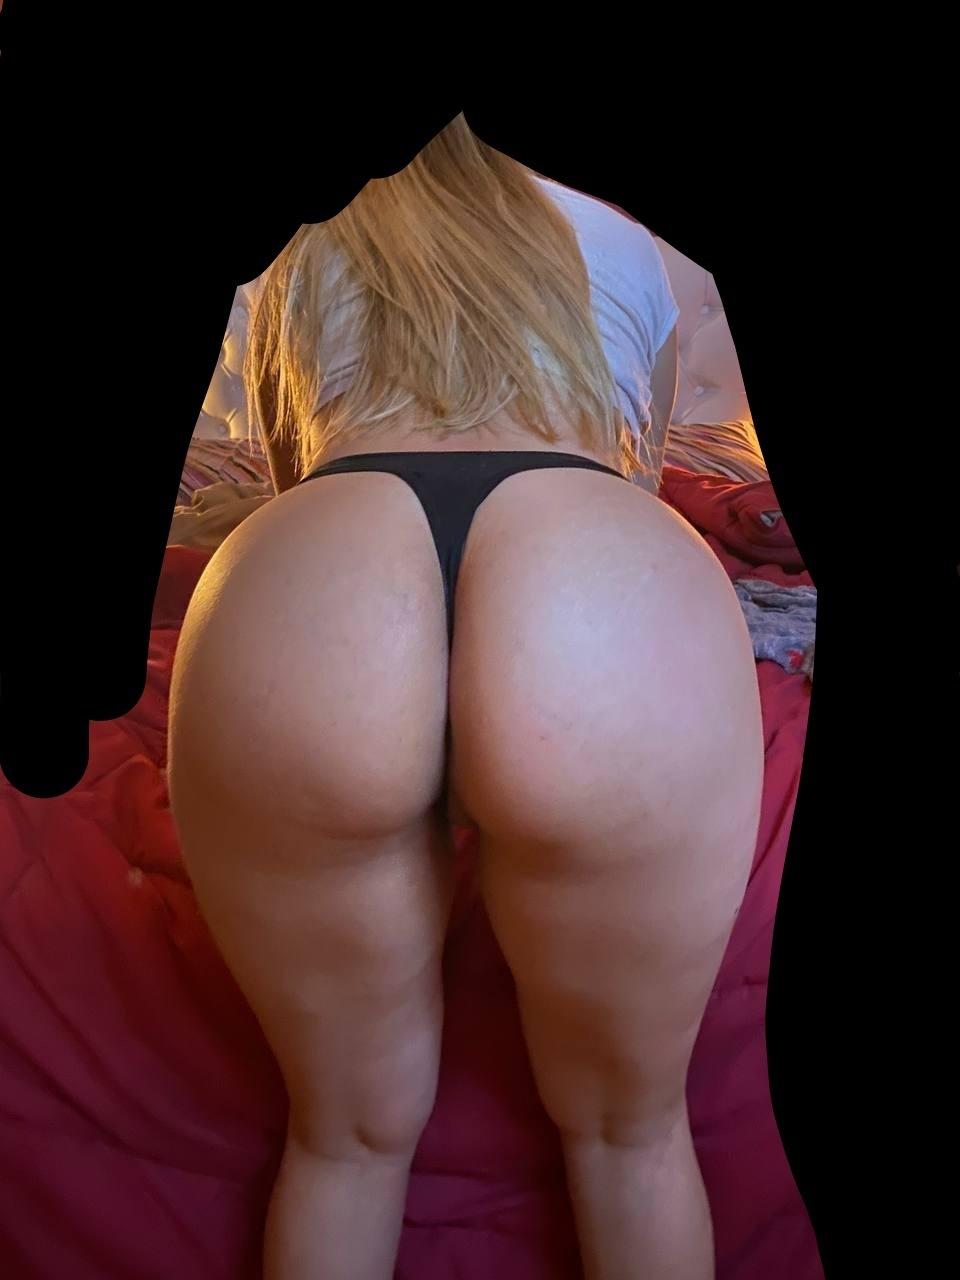 fotos culazos, mujeres con culos bonitos, fotos caseras culos en tanga